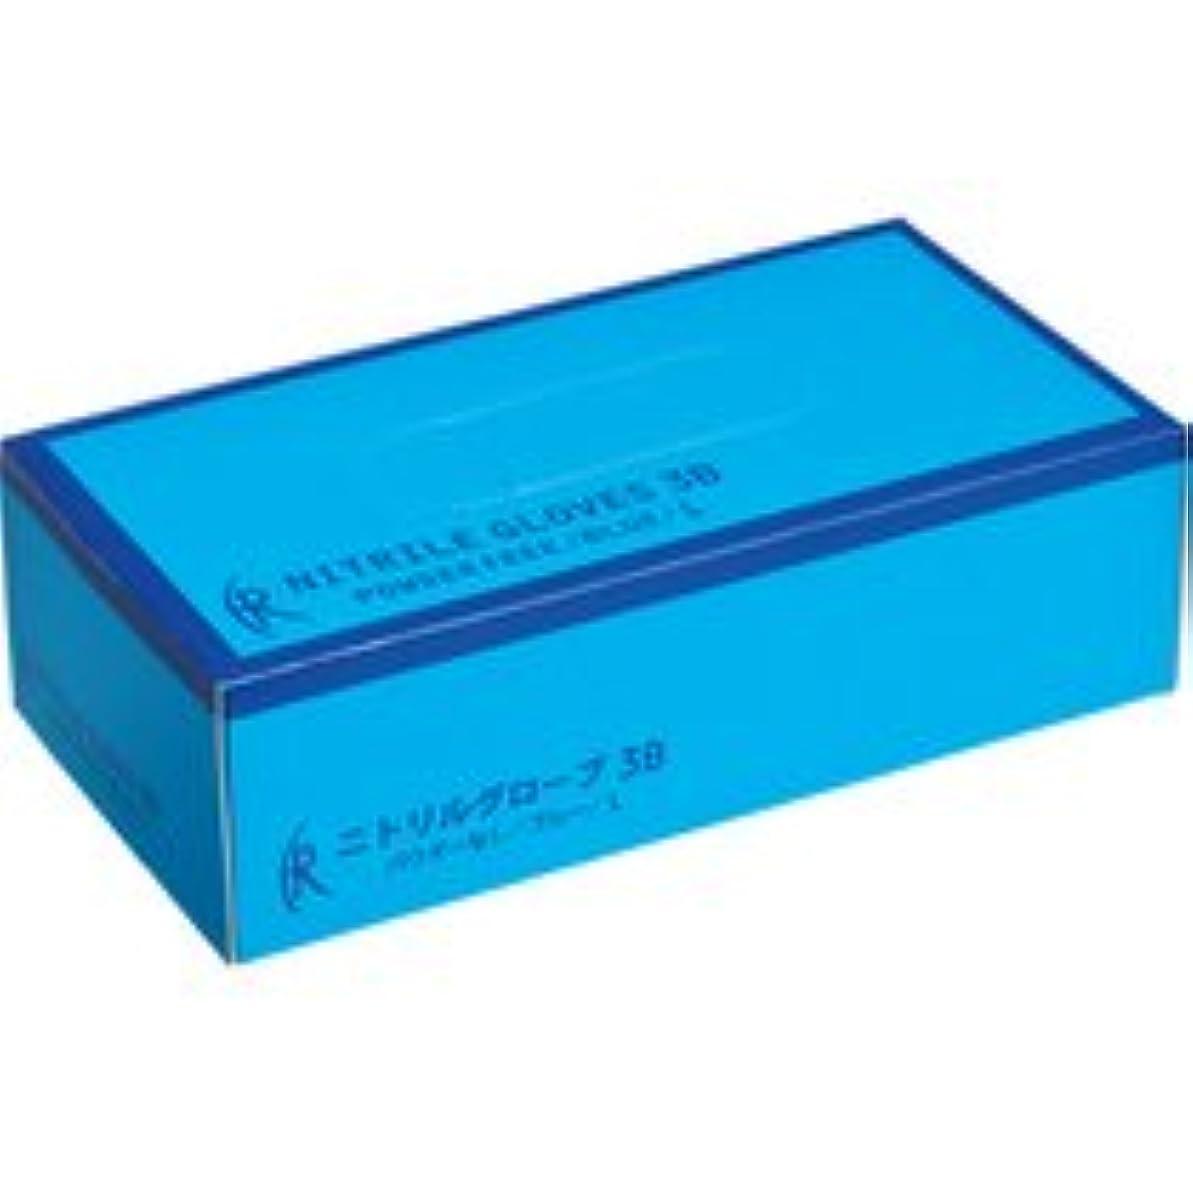 の中で未亡人キャロラインファーストレイト ニトリルグローブ3B パウダーフリー L FR-5663 1箱(200枚)